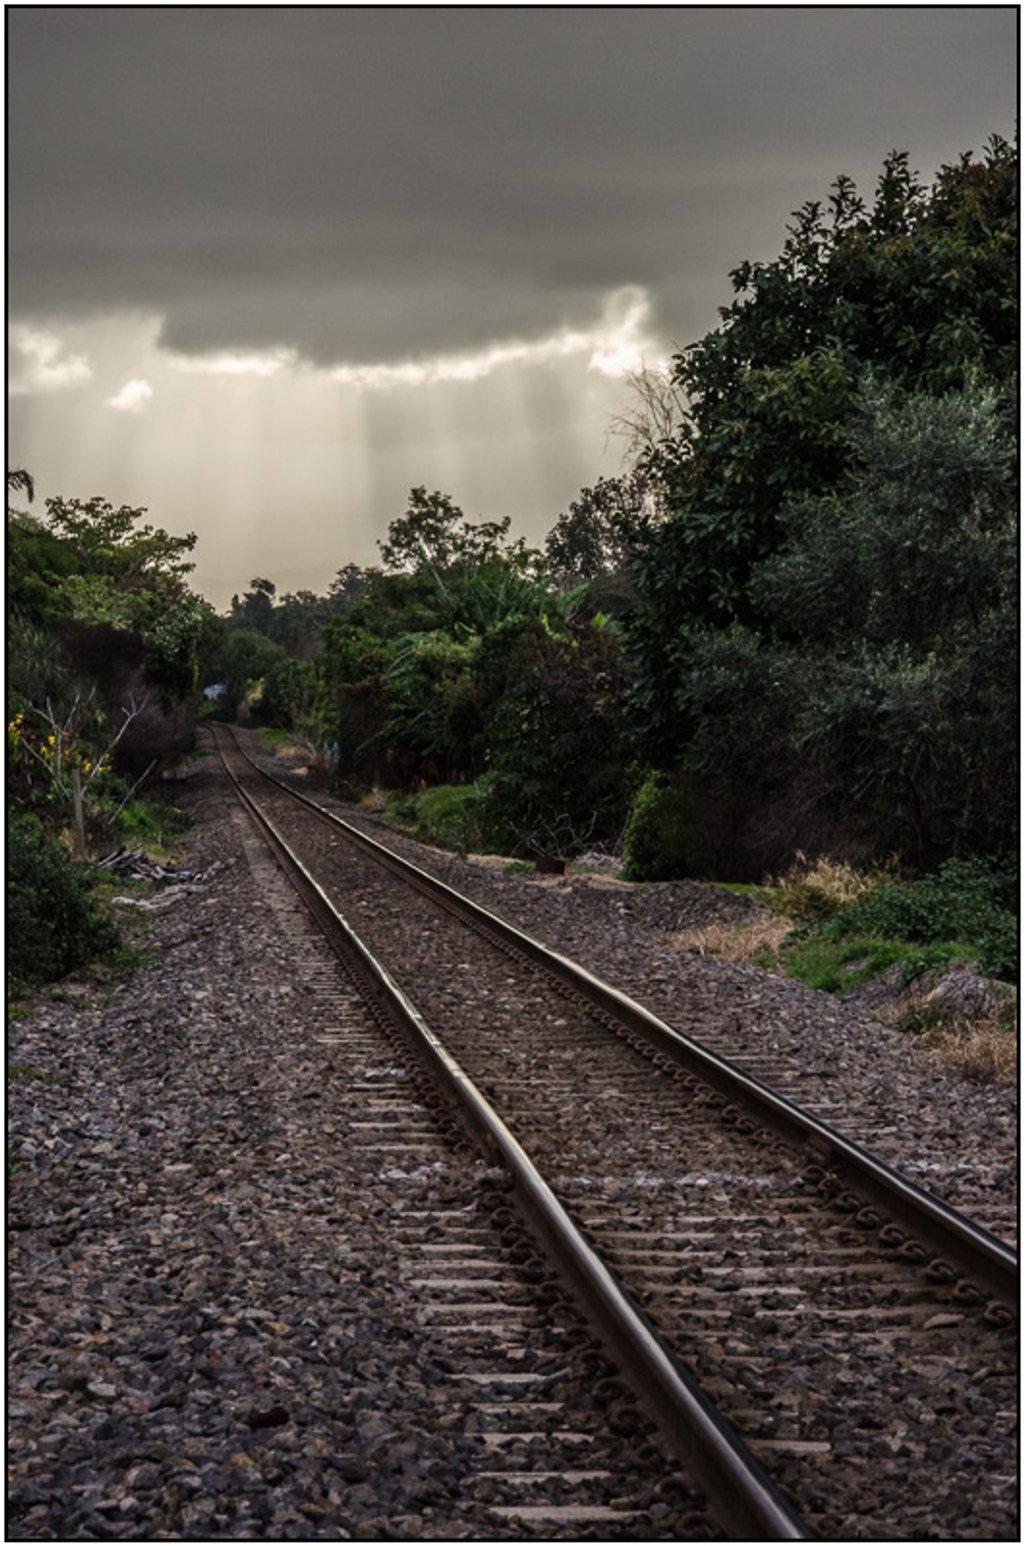 Railway Line by chikadnz